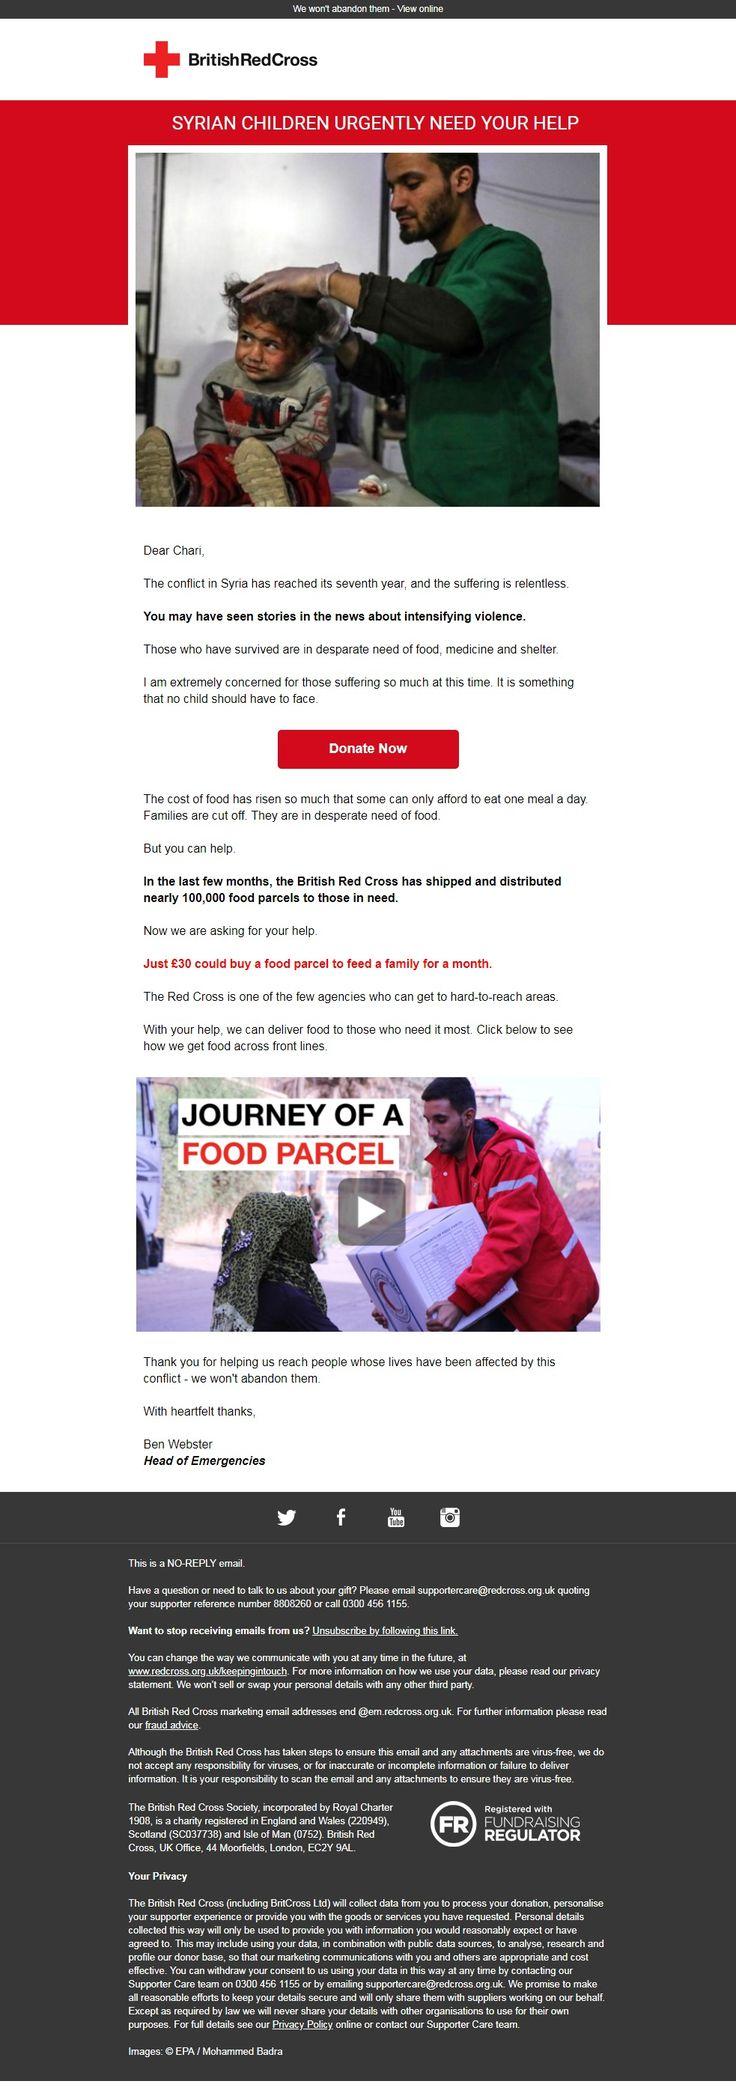 British Red Cross: Syrian Children urgently need your help Chari